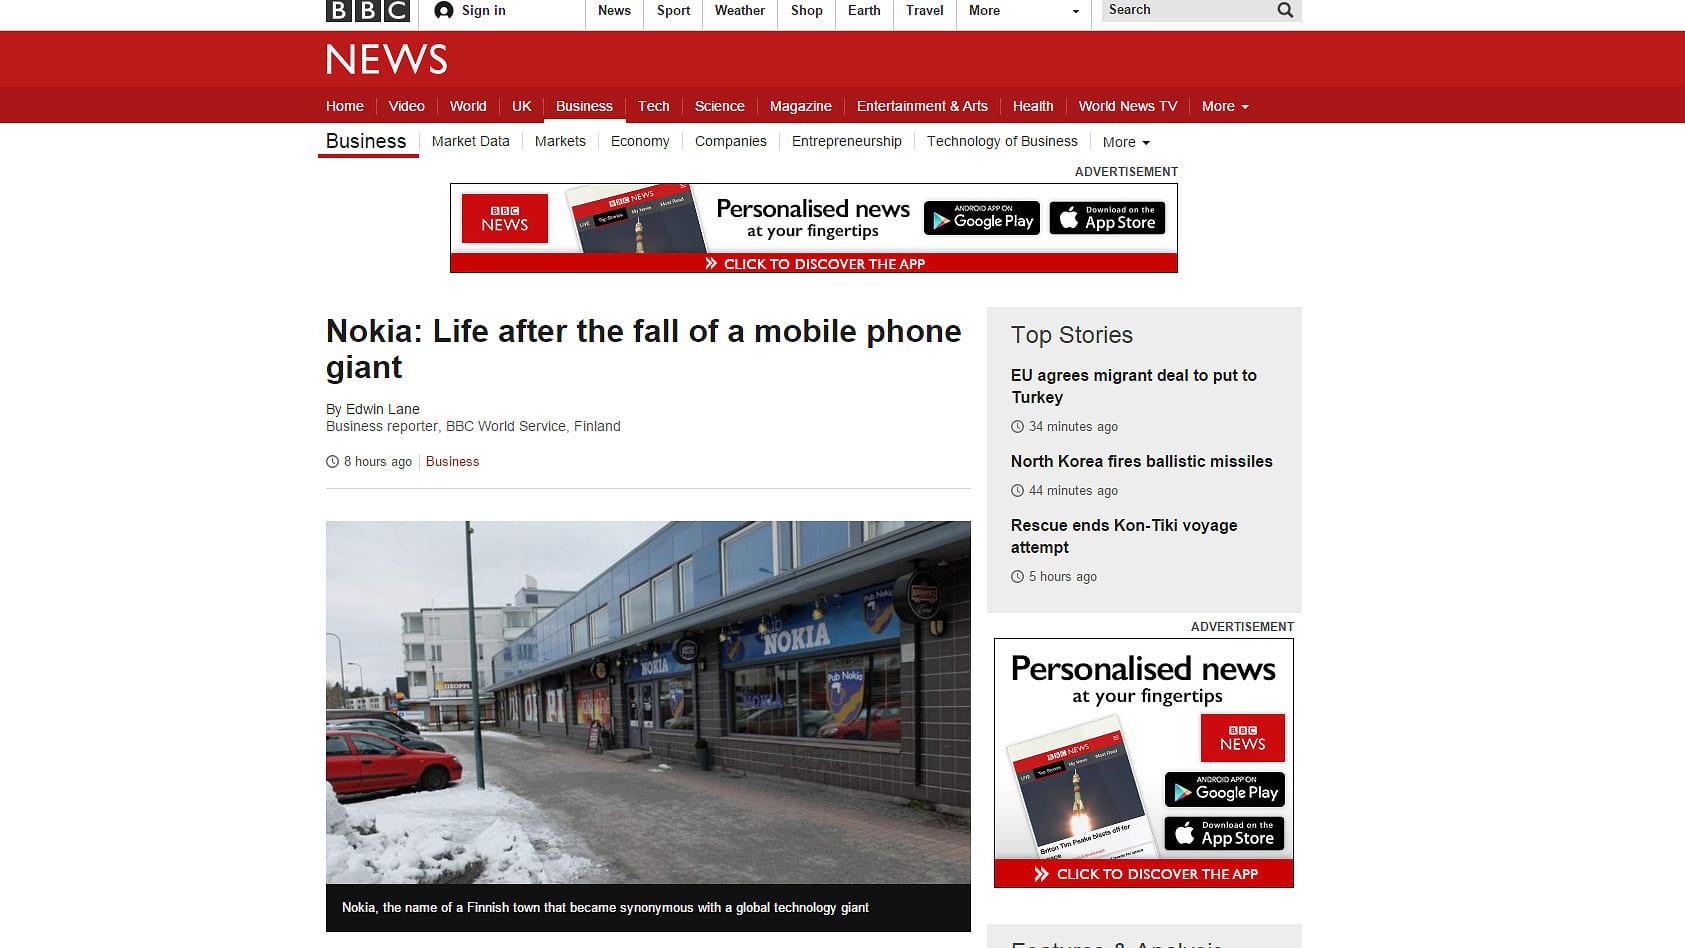 Kuvakaappaus BBC:n nettisivusta.